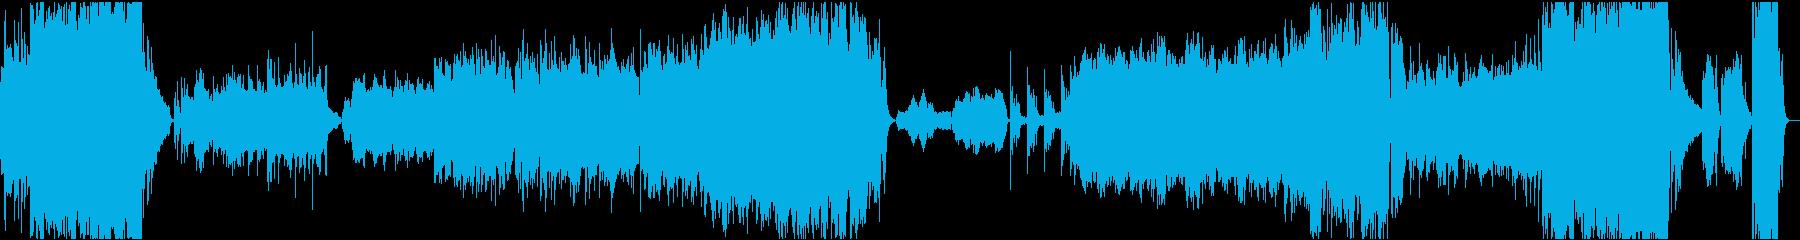 壮大なロマン派風ピアノ協奏曲の再生済みの波形